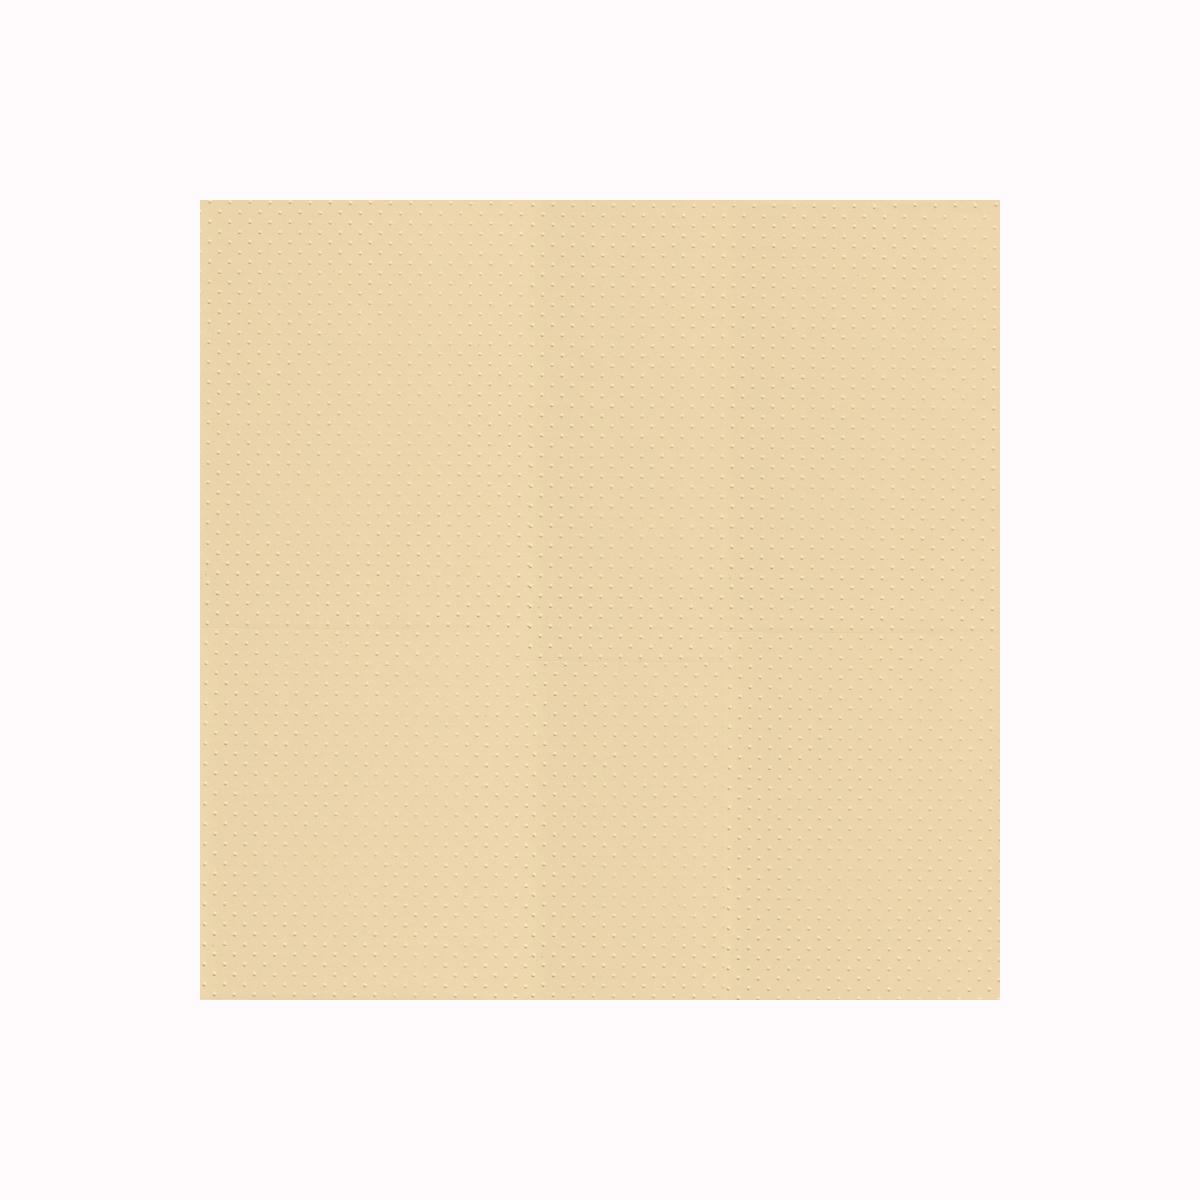 Бумага рельефная Лоза Точки, цвет: слоновая кость, 3 листа498137_2-Ф слоновая костьРельефная бумага для скрапбукинга Лоза Точки позволит создать красивый альбом, фоторамку или открытку ручной работы, оформить подарок или аппликацию. Набор включает в себя 3 листа из плотной бумаги.Скрапбукинг - это хобби, которое способно приносить массу приятных эмоций не только человеку, который этим занимается, но и его близким, друзьям, родным. Это невероятно увлекательное занятие, которое поможет вам сохранить наиболее памятные и яркие моменты вашей жизни, а также интересно оформить интерьер дома. Плотность бумаги: 200 г/м2.